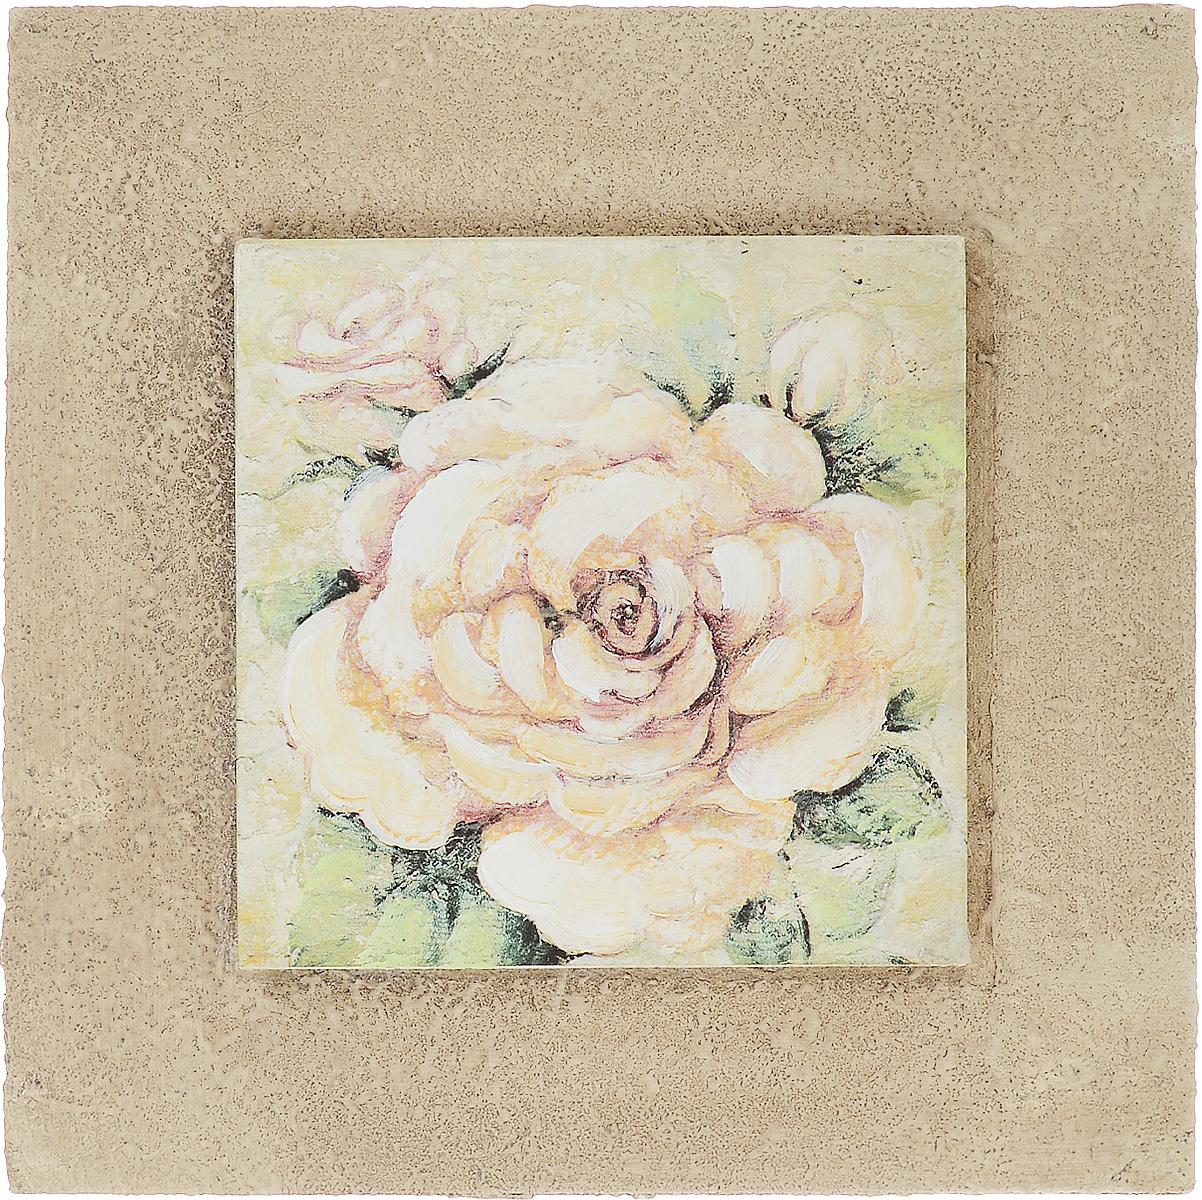 Картина-репродукция Феникс-Презент Белая роза, 25 х 25 х 3,5 см44438Картина-репродукция Феникс-презент Белая роза с основой из МДФ выполнена печатью на бумаге с ручной подрисовкой. На оборотной стороне имеется петля для подвешивания на стену. Такая картина - вдохновляющее декоративное решение, привносящее в интерьер нотки творчества и изысканности! Благодаря оригинальному дизайну картина Белая роза дополнит интерьер любого помещения, а также сможет стать изысканным подарком для ваших друзей и близких.